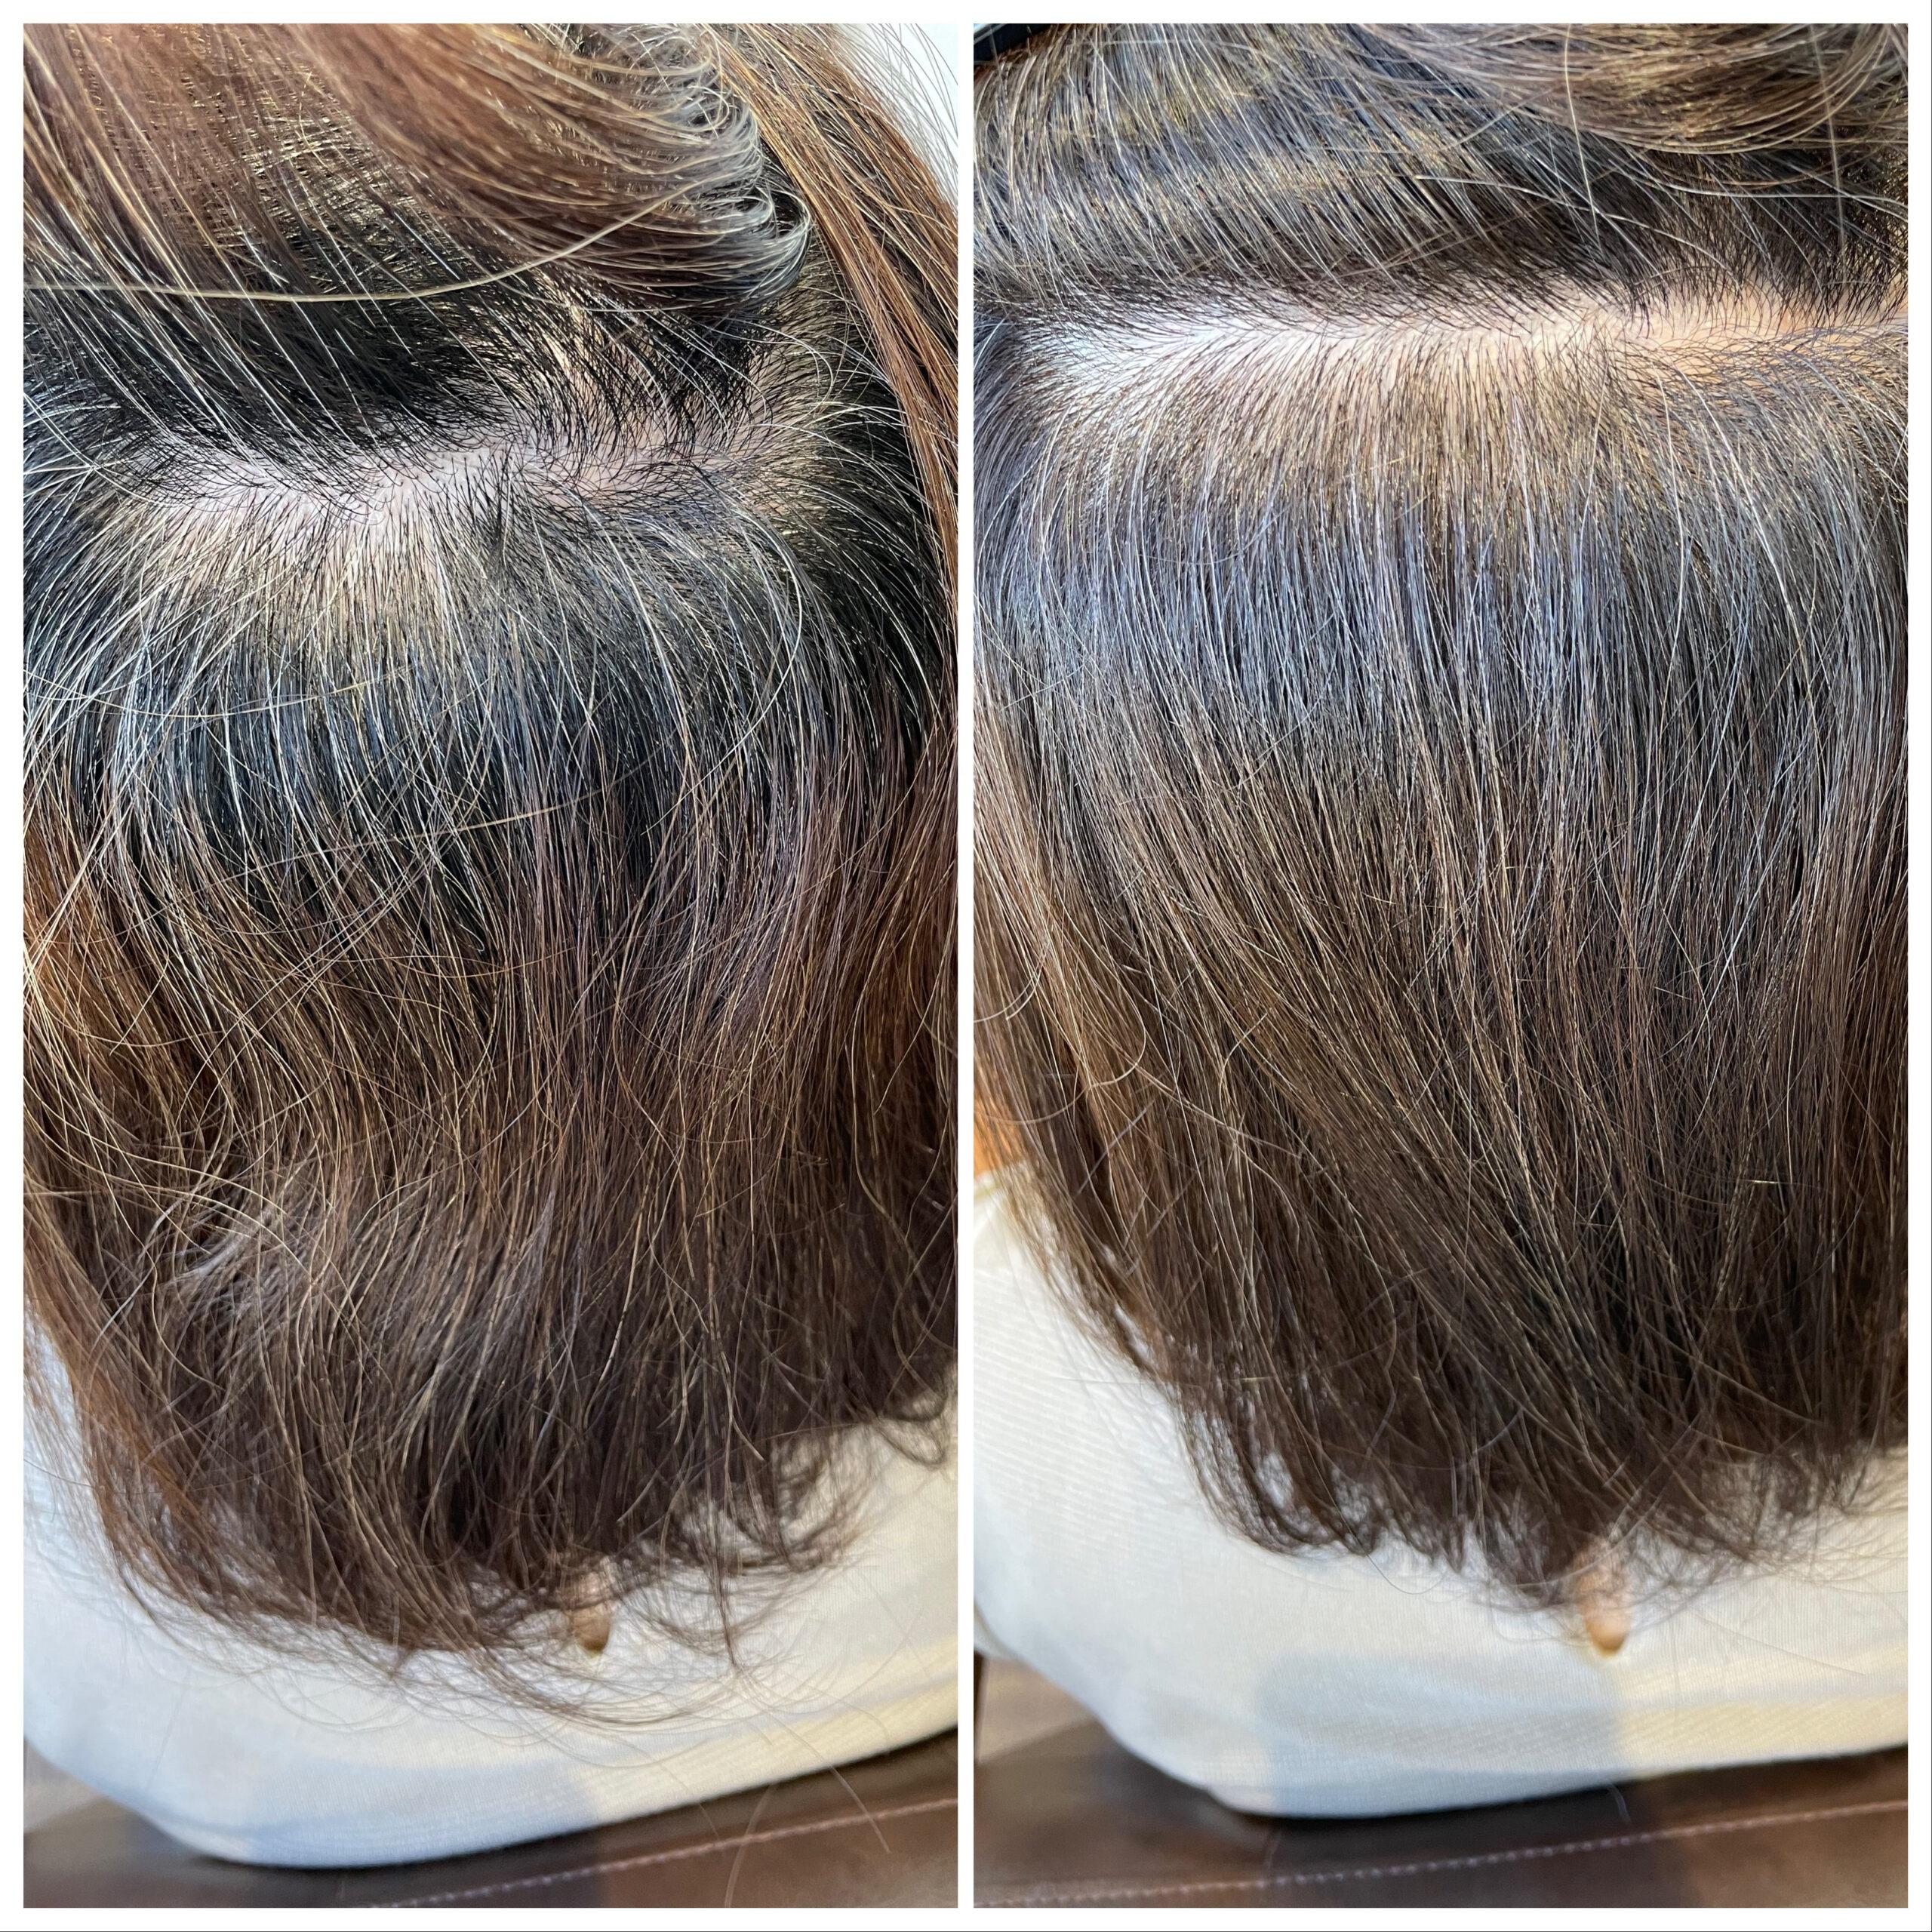 大分県別府市 白髪はしっかり染める方法と明るく染めてぼかす方法があります ビフォーアフター